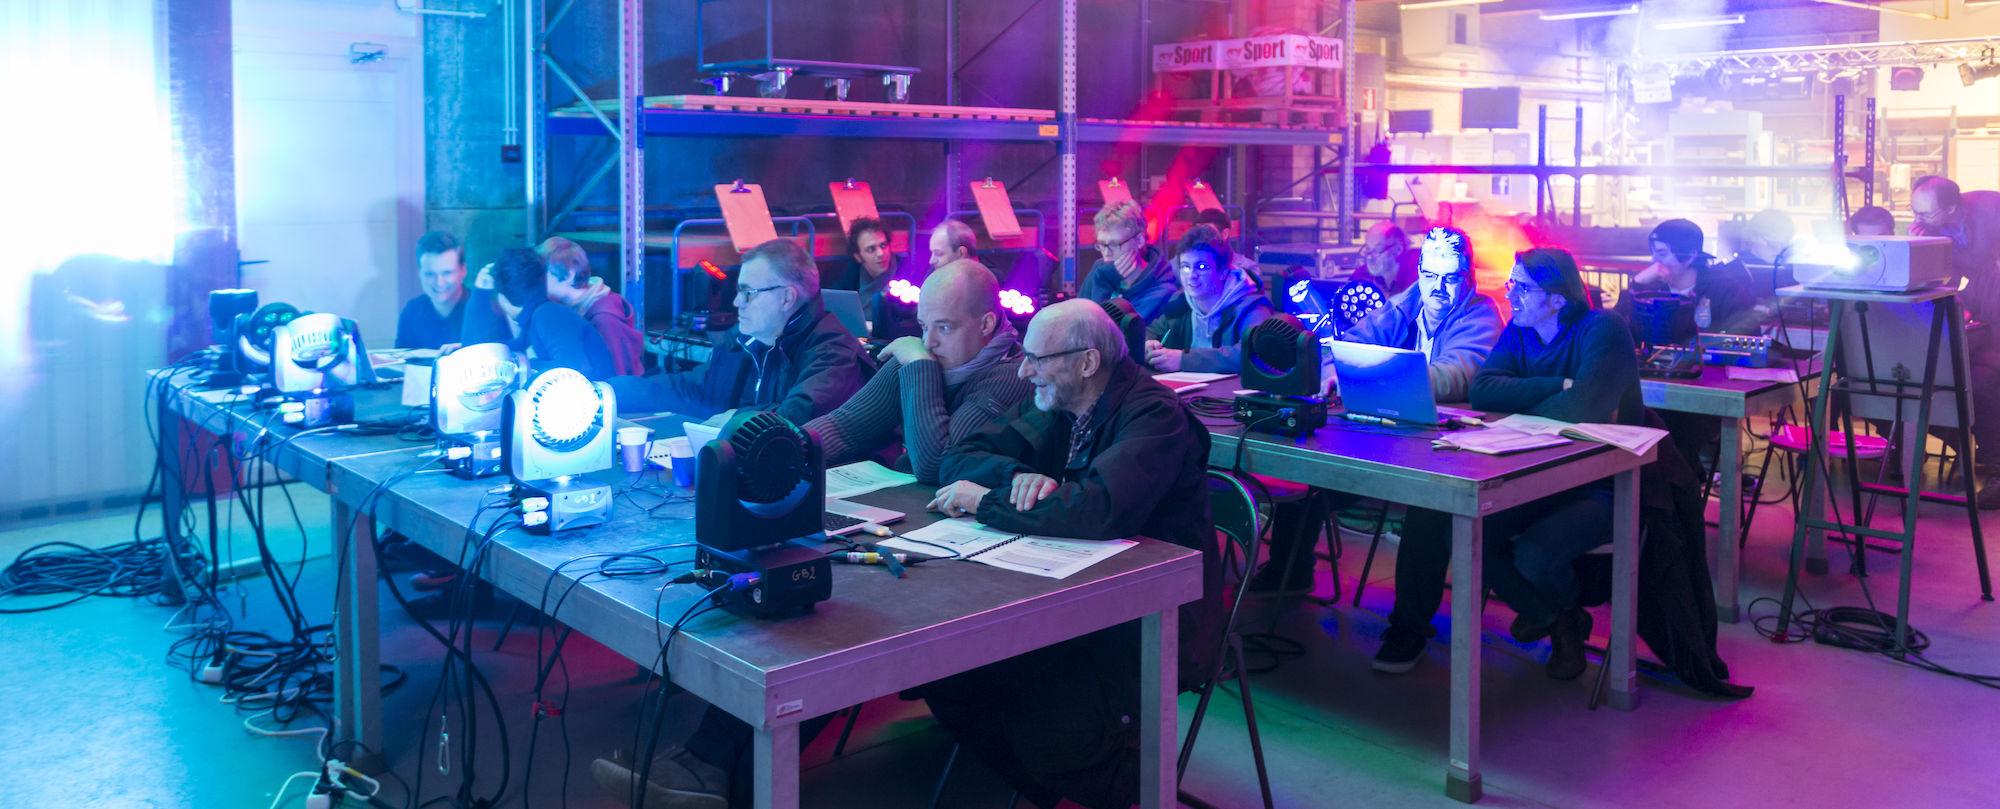 160225-uitleendienst-workshop-chamsys-26.jpg